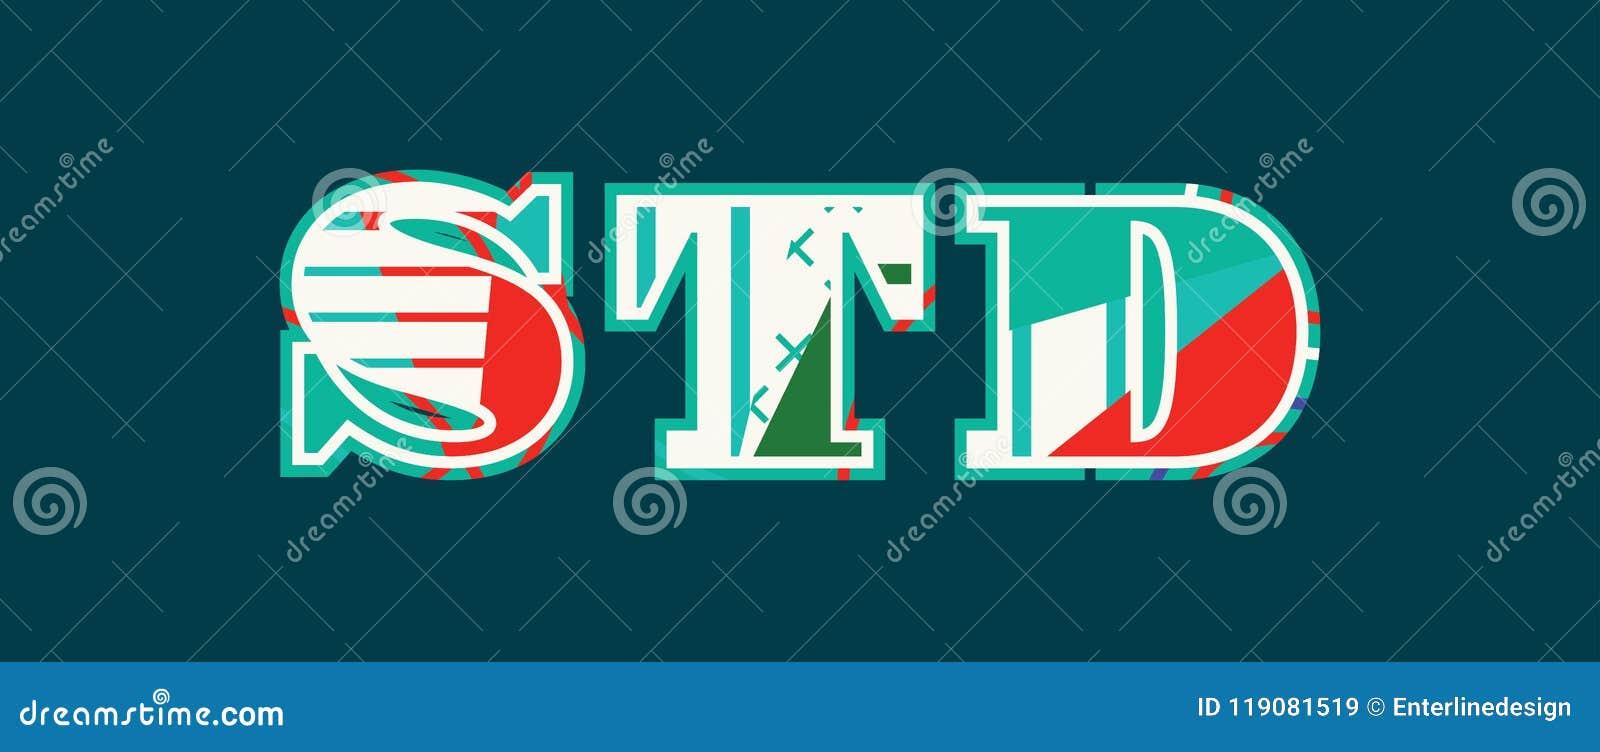 Palavra Art Illustration do conceito do STD